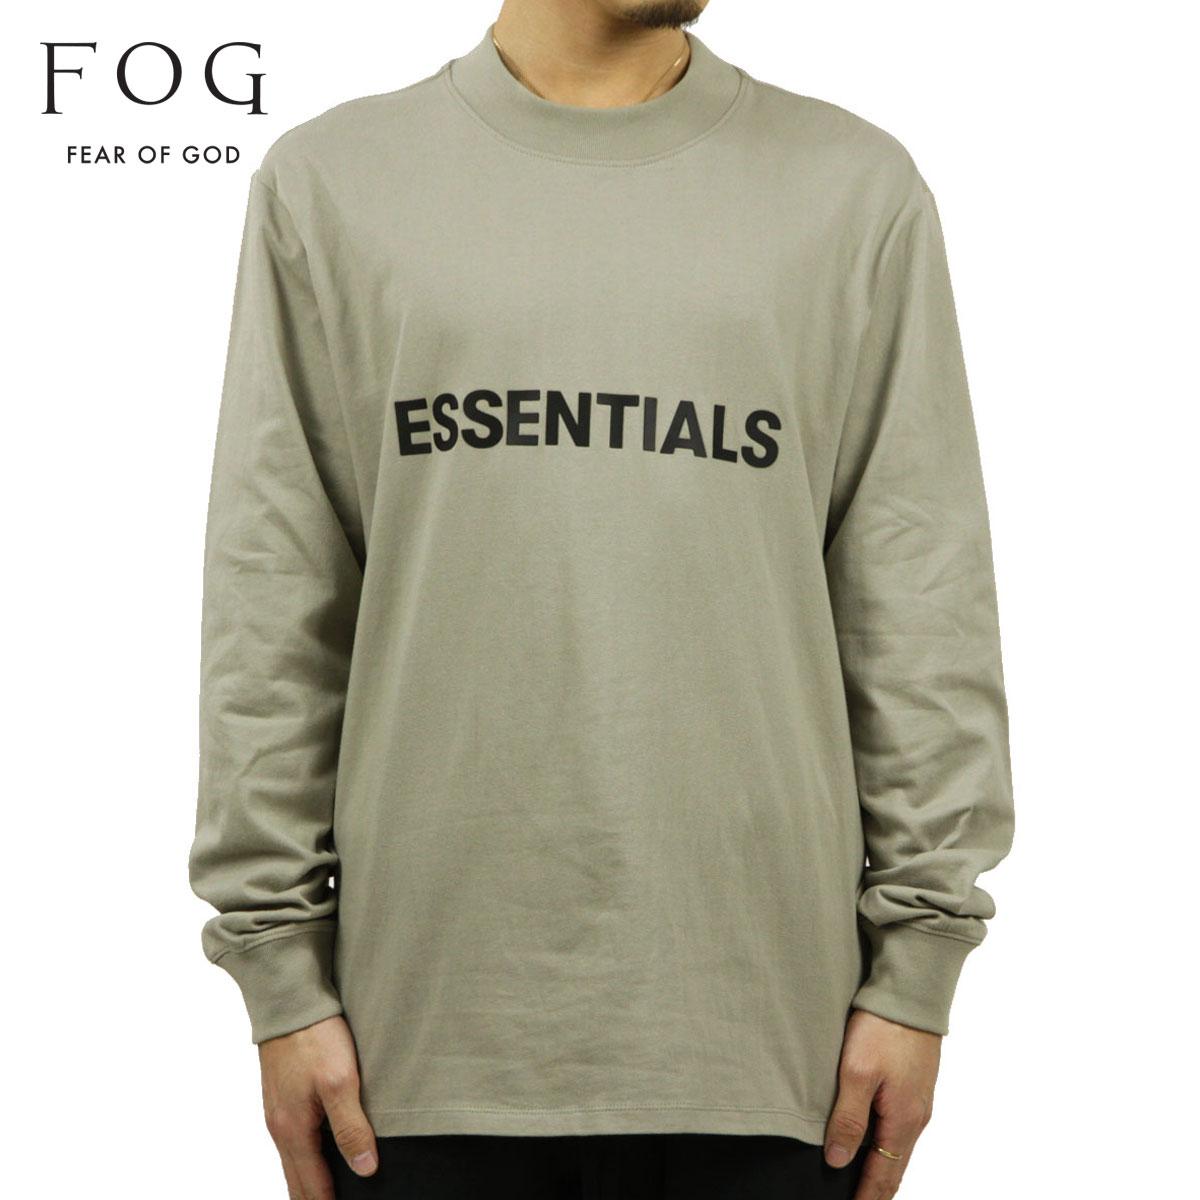 フィアオブゴッド Tシャツ メンズ 正規品 FEAR OF GOD エッセンシャルズ 長袖Tシャツ ロゴ クルーネック FOG - FEAR OF GOD ESSENTIALS LONG SLEEVE MOSS AA5B B1C C1D D2E E08F ホワイトデー 2021 ラッピング無料